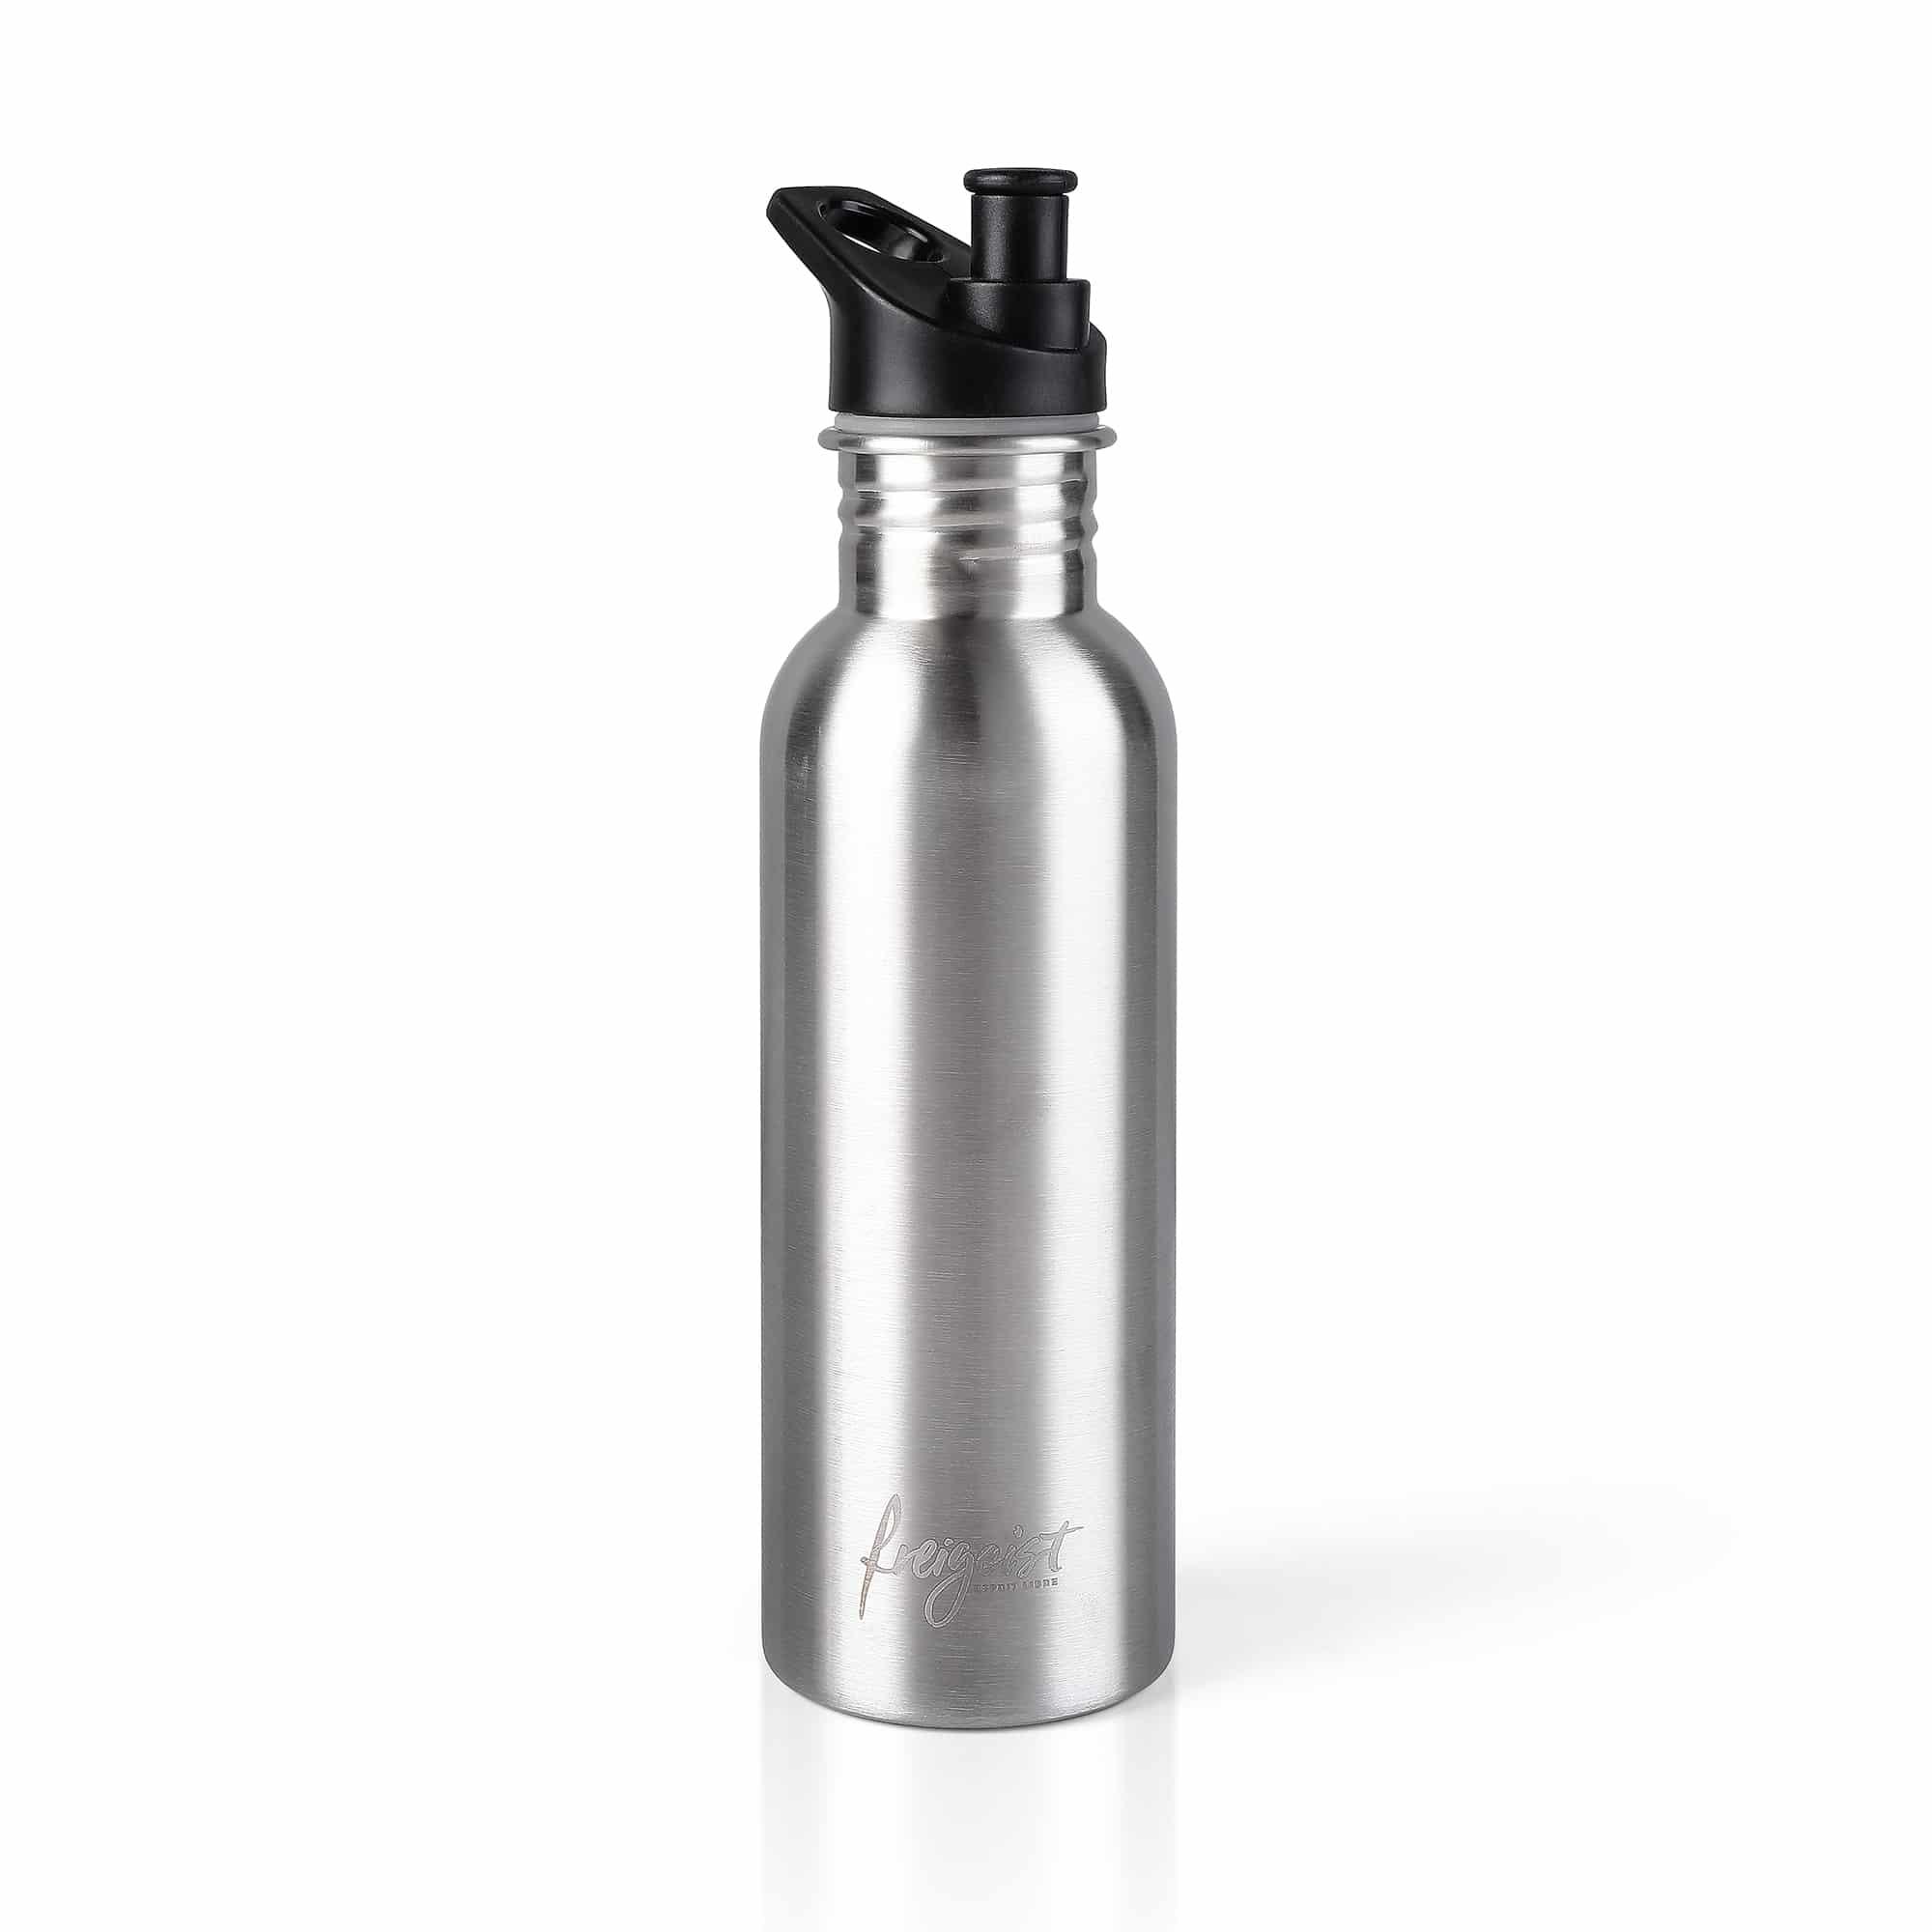 Teesieb Edelstahl - Das einzigartige Teesieb für unsere Thermosflaschen 2